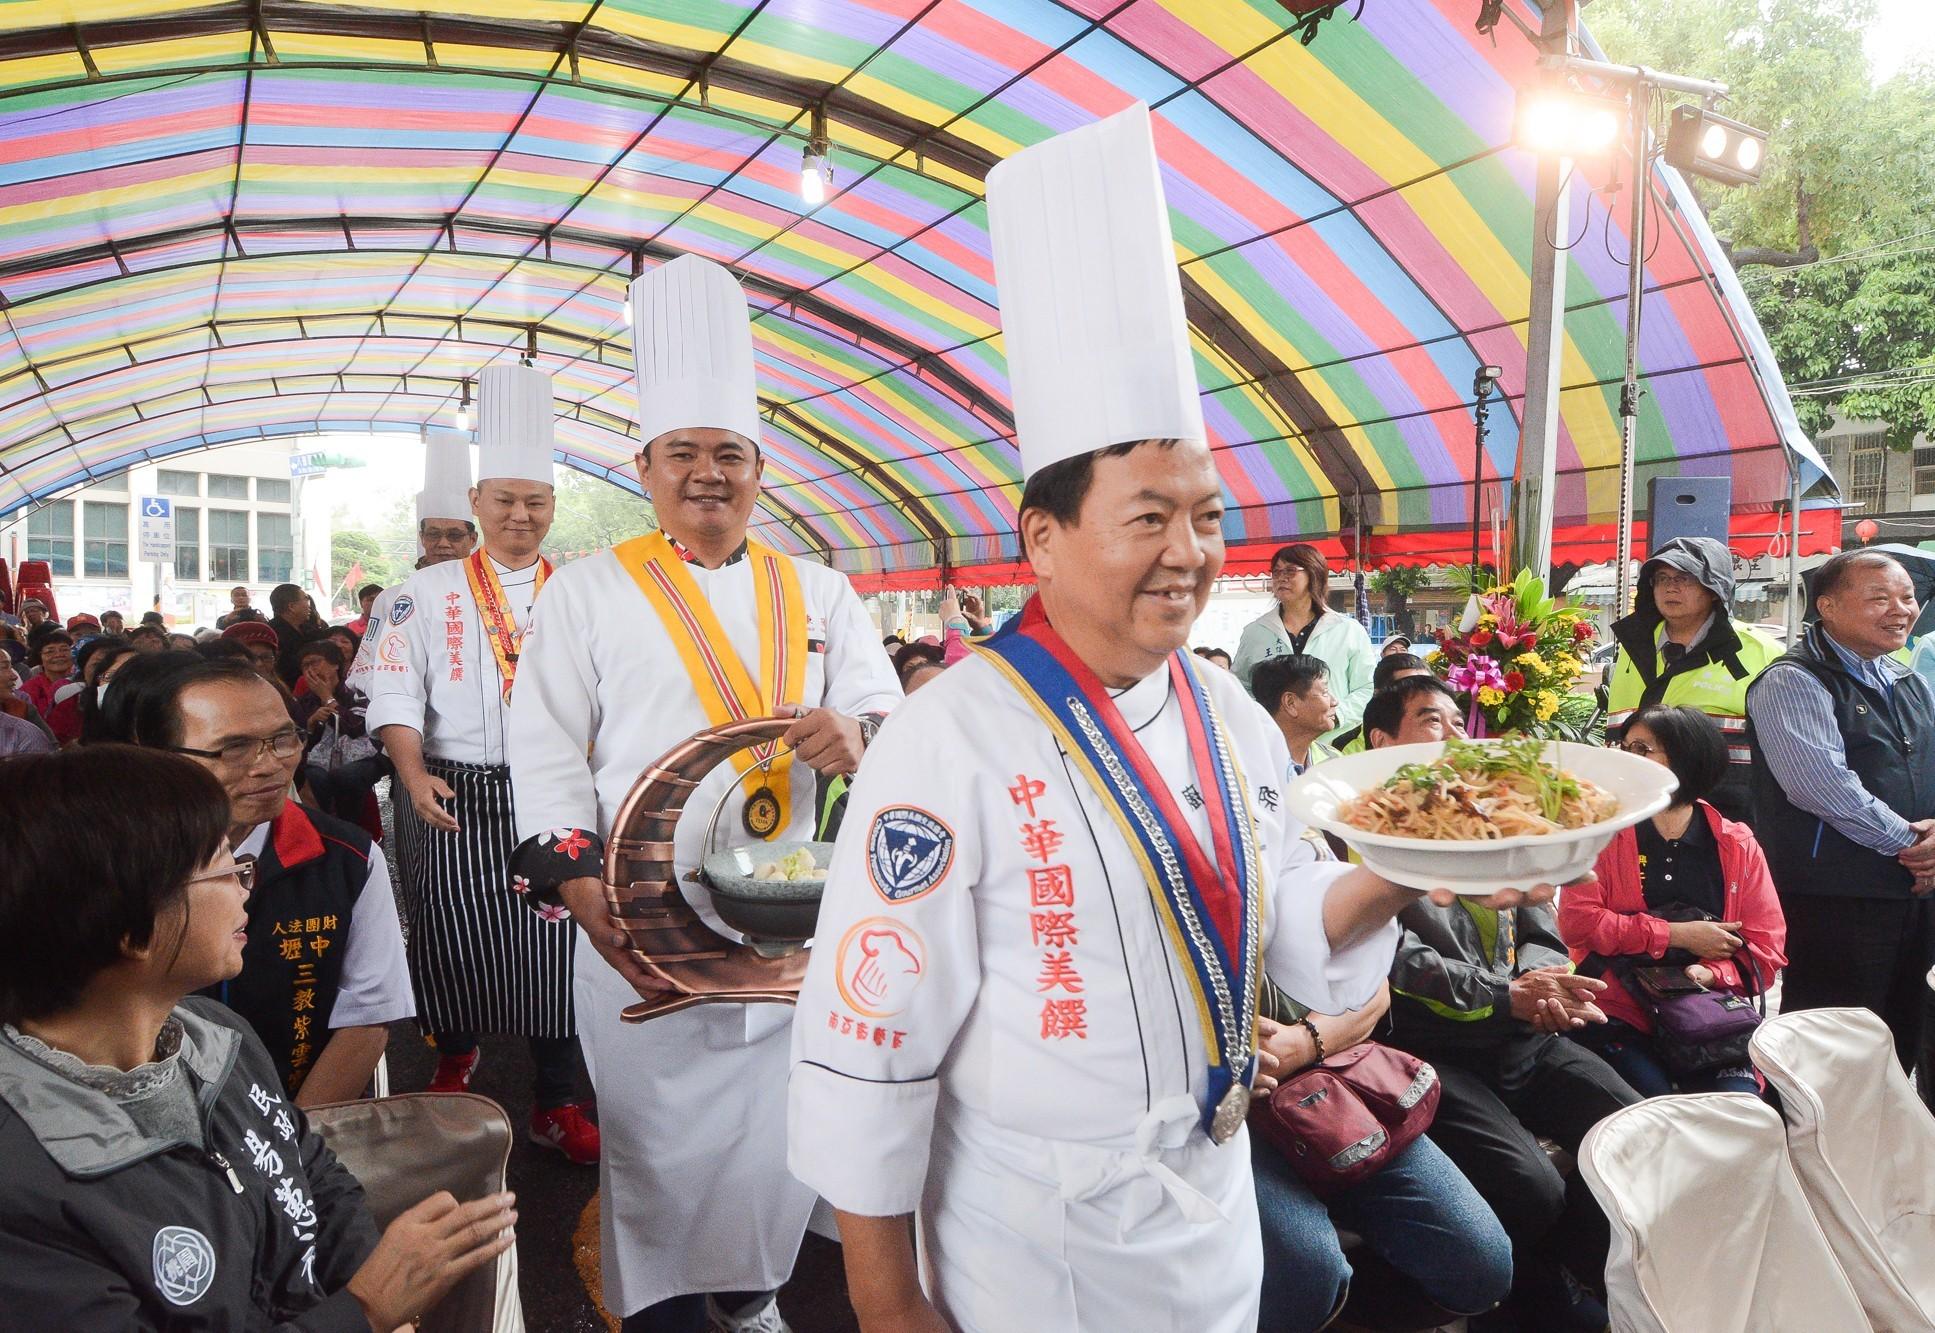 「千人食福宴」,席開315桌,由6位五星級主廚掌廚